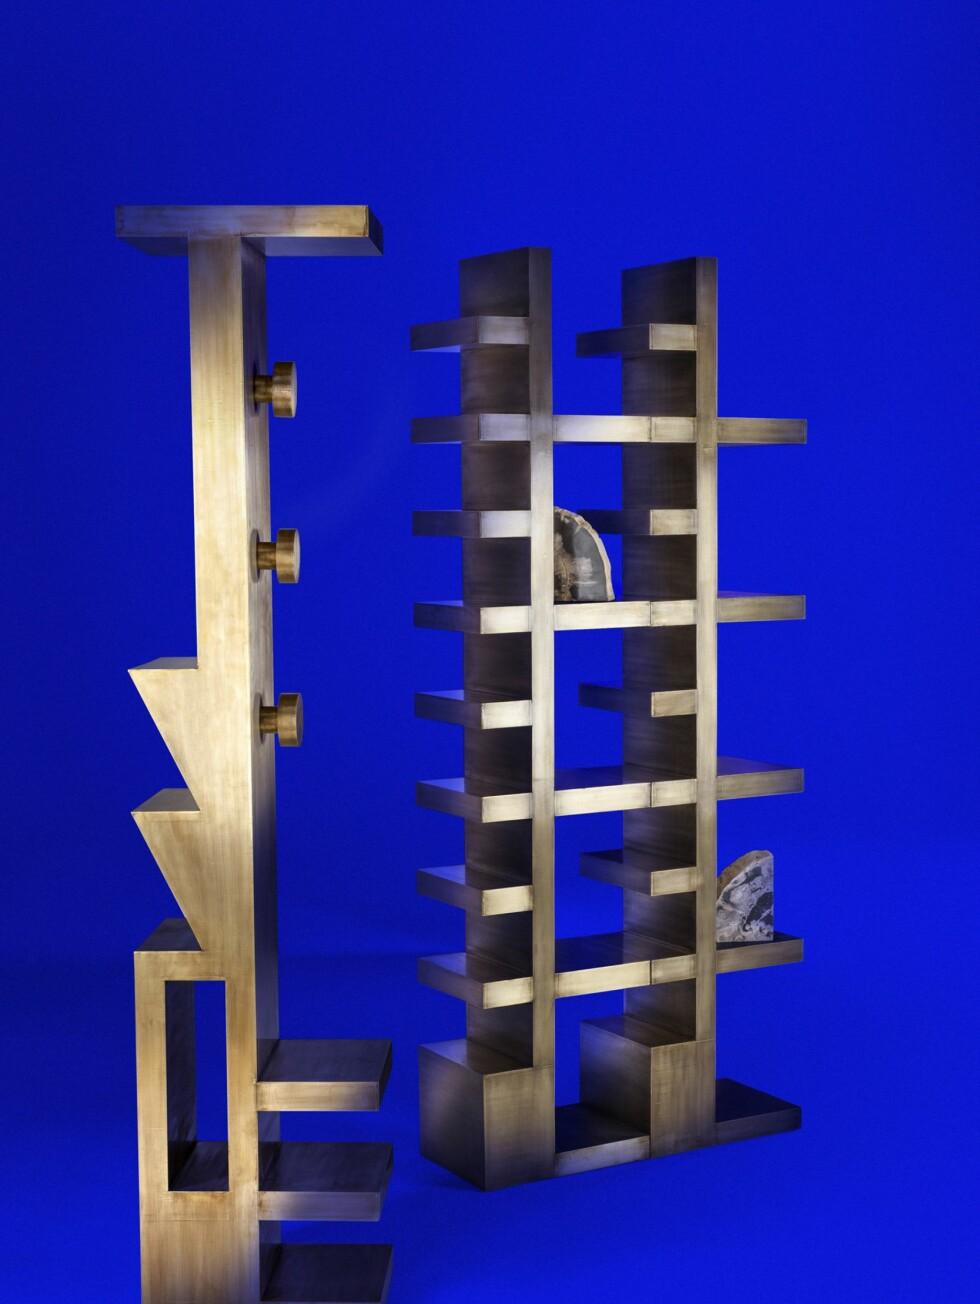 Hylle og garderobemøbel fra en serie som er passende kalt Mass. I tillegg hører det til et spisebord og et konsollbord. Massivt, men minimalistisk, for deg som er lei av å føle deg som en okse på glassmagasinet hjemme: Dette er møbler som tåler litt! Foto: Tom Dixon